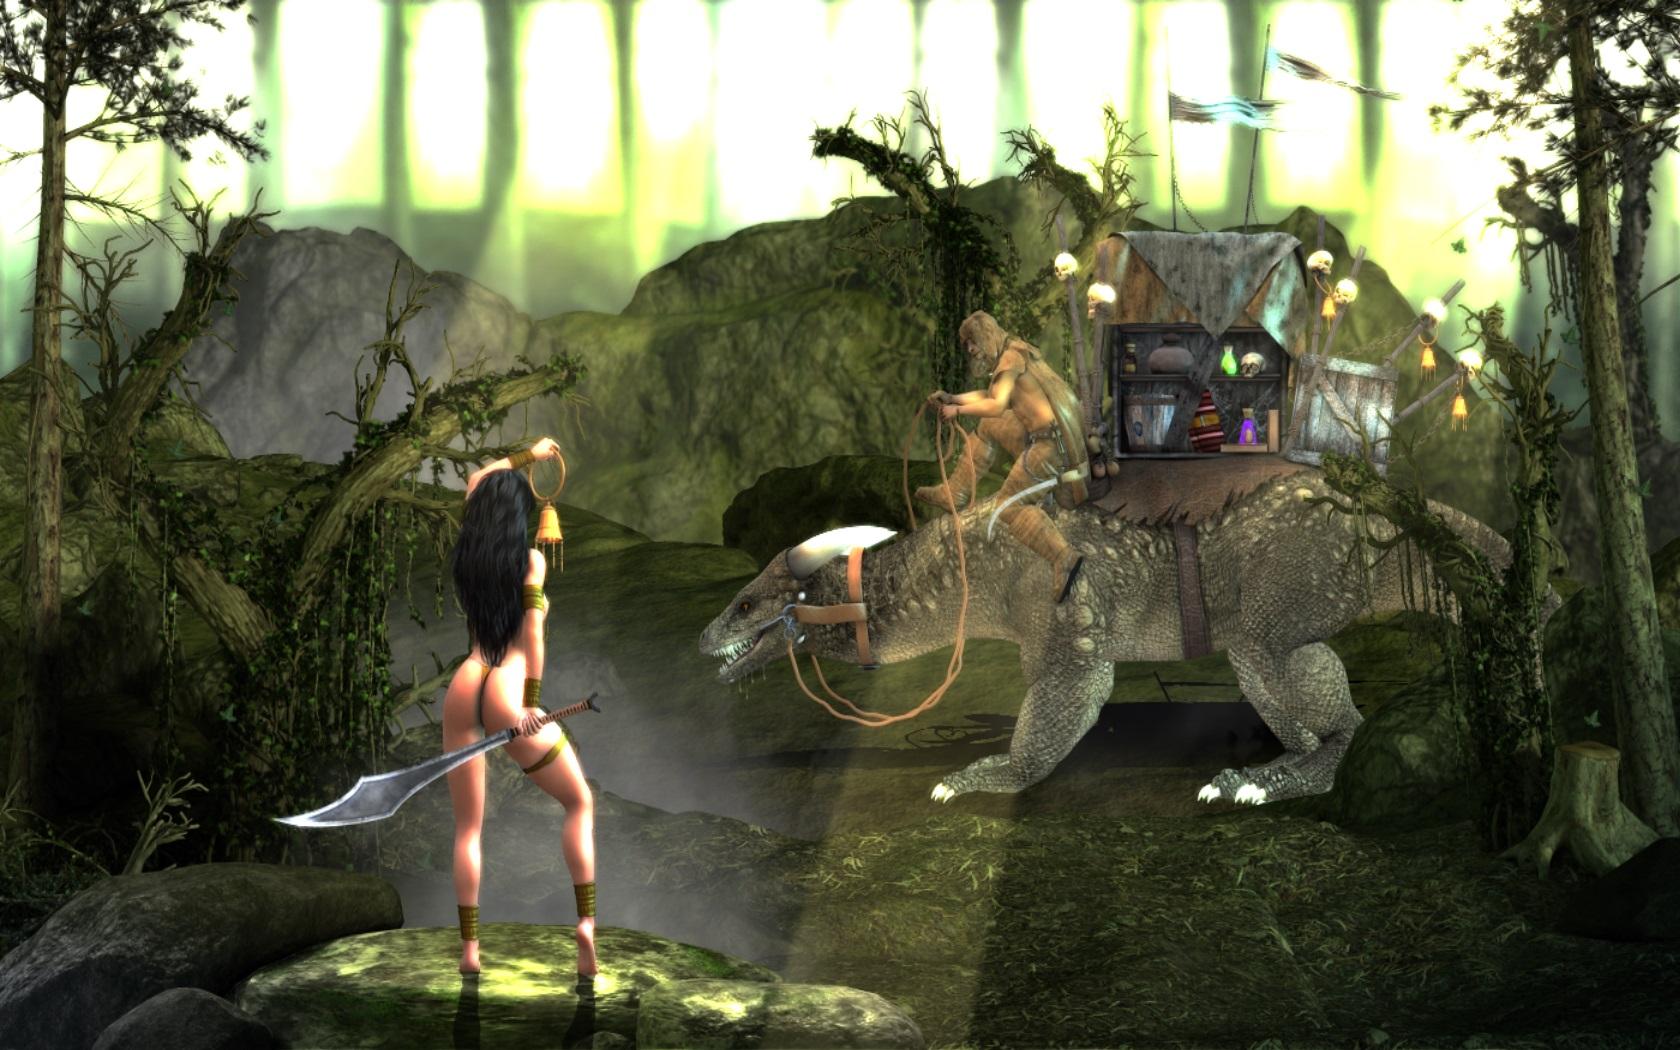 Игровая клубничка 13 : Age of Barbarian . - Изображение 10